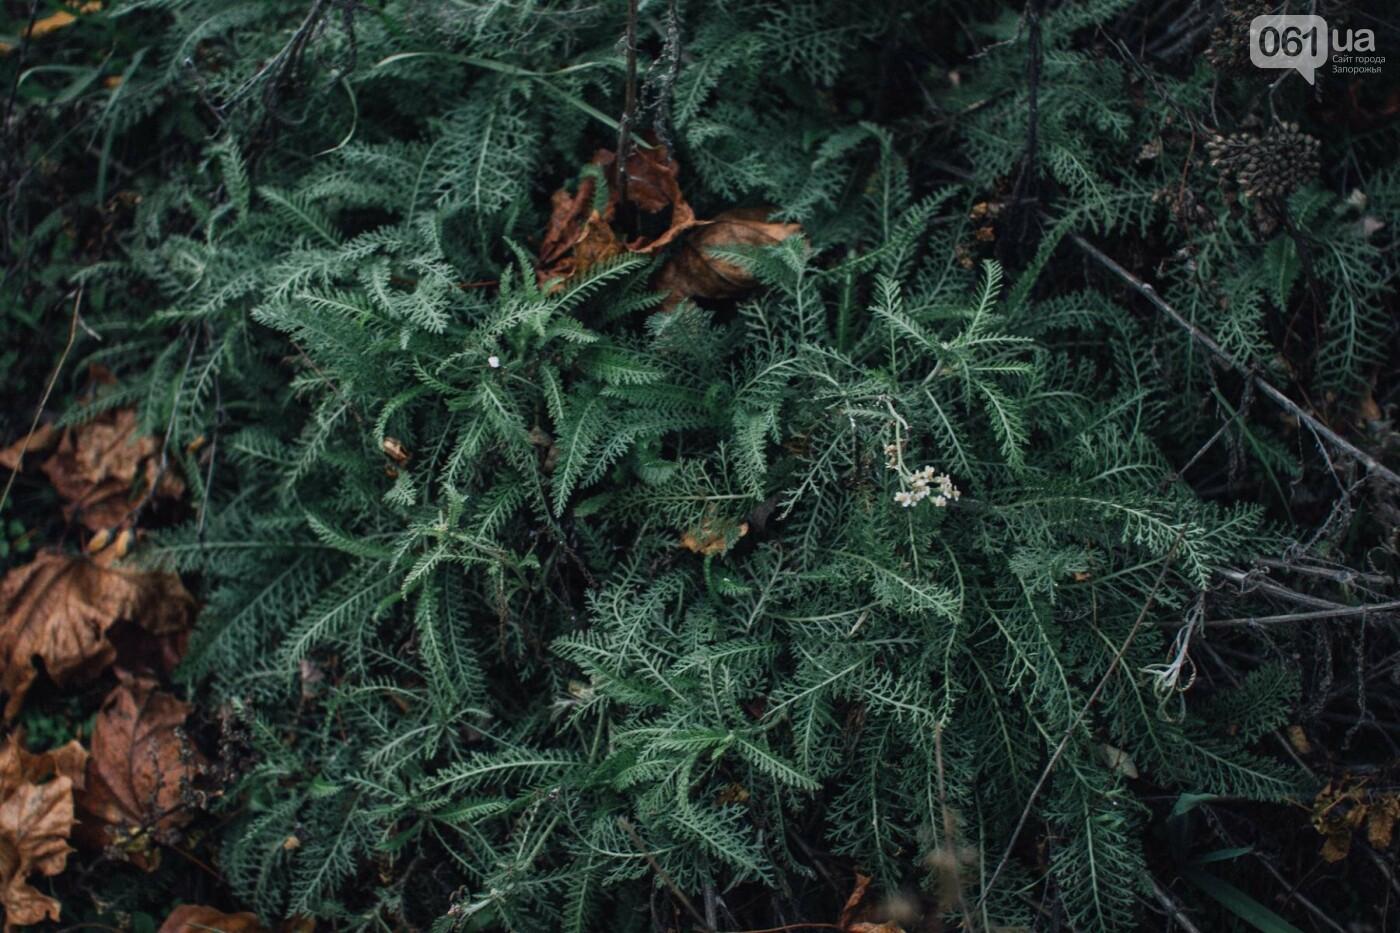 Четыре дня до зимы: как выглядит Хортица поздней осенью, - ФОТОРЕПОРТАЖ, фото-22